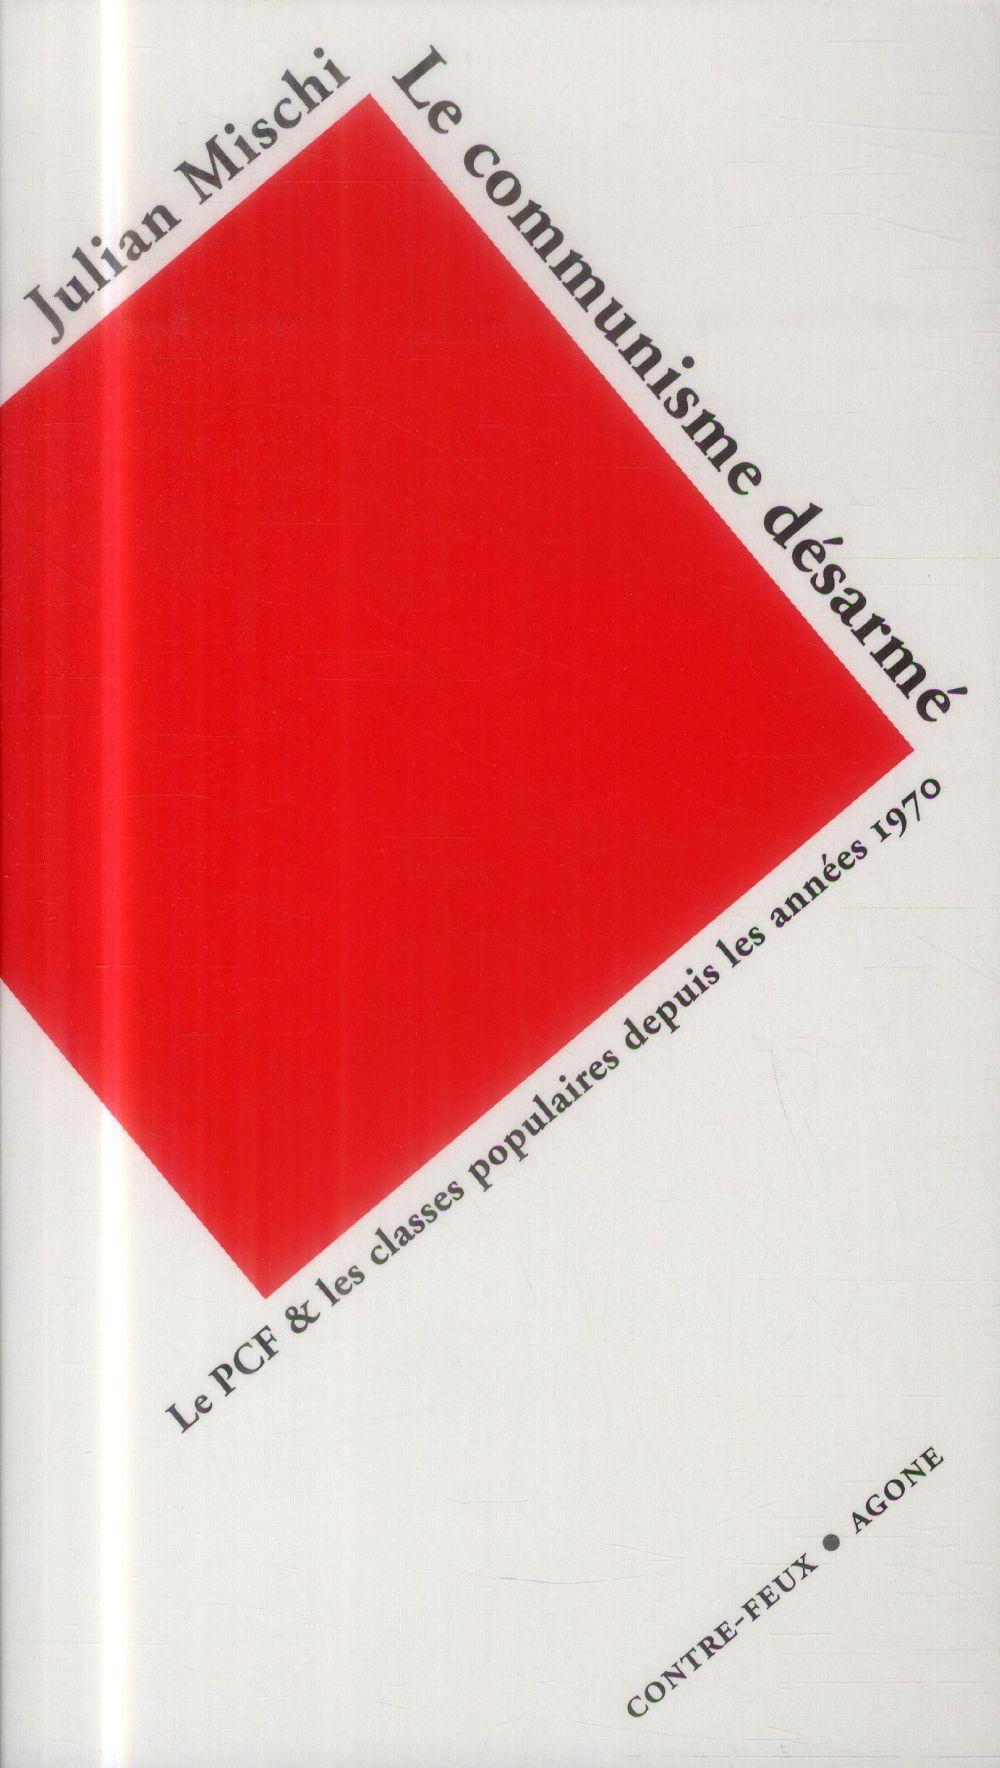 LE COMMUNISME DESARME  -  LE PCF ET LES CLASSES POPULAIRES DEPUIS LES ANNEES 1970